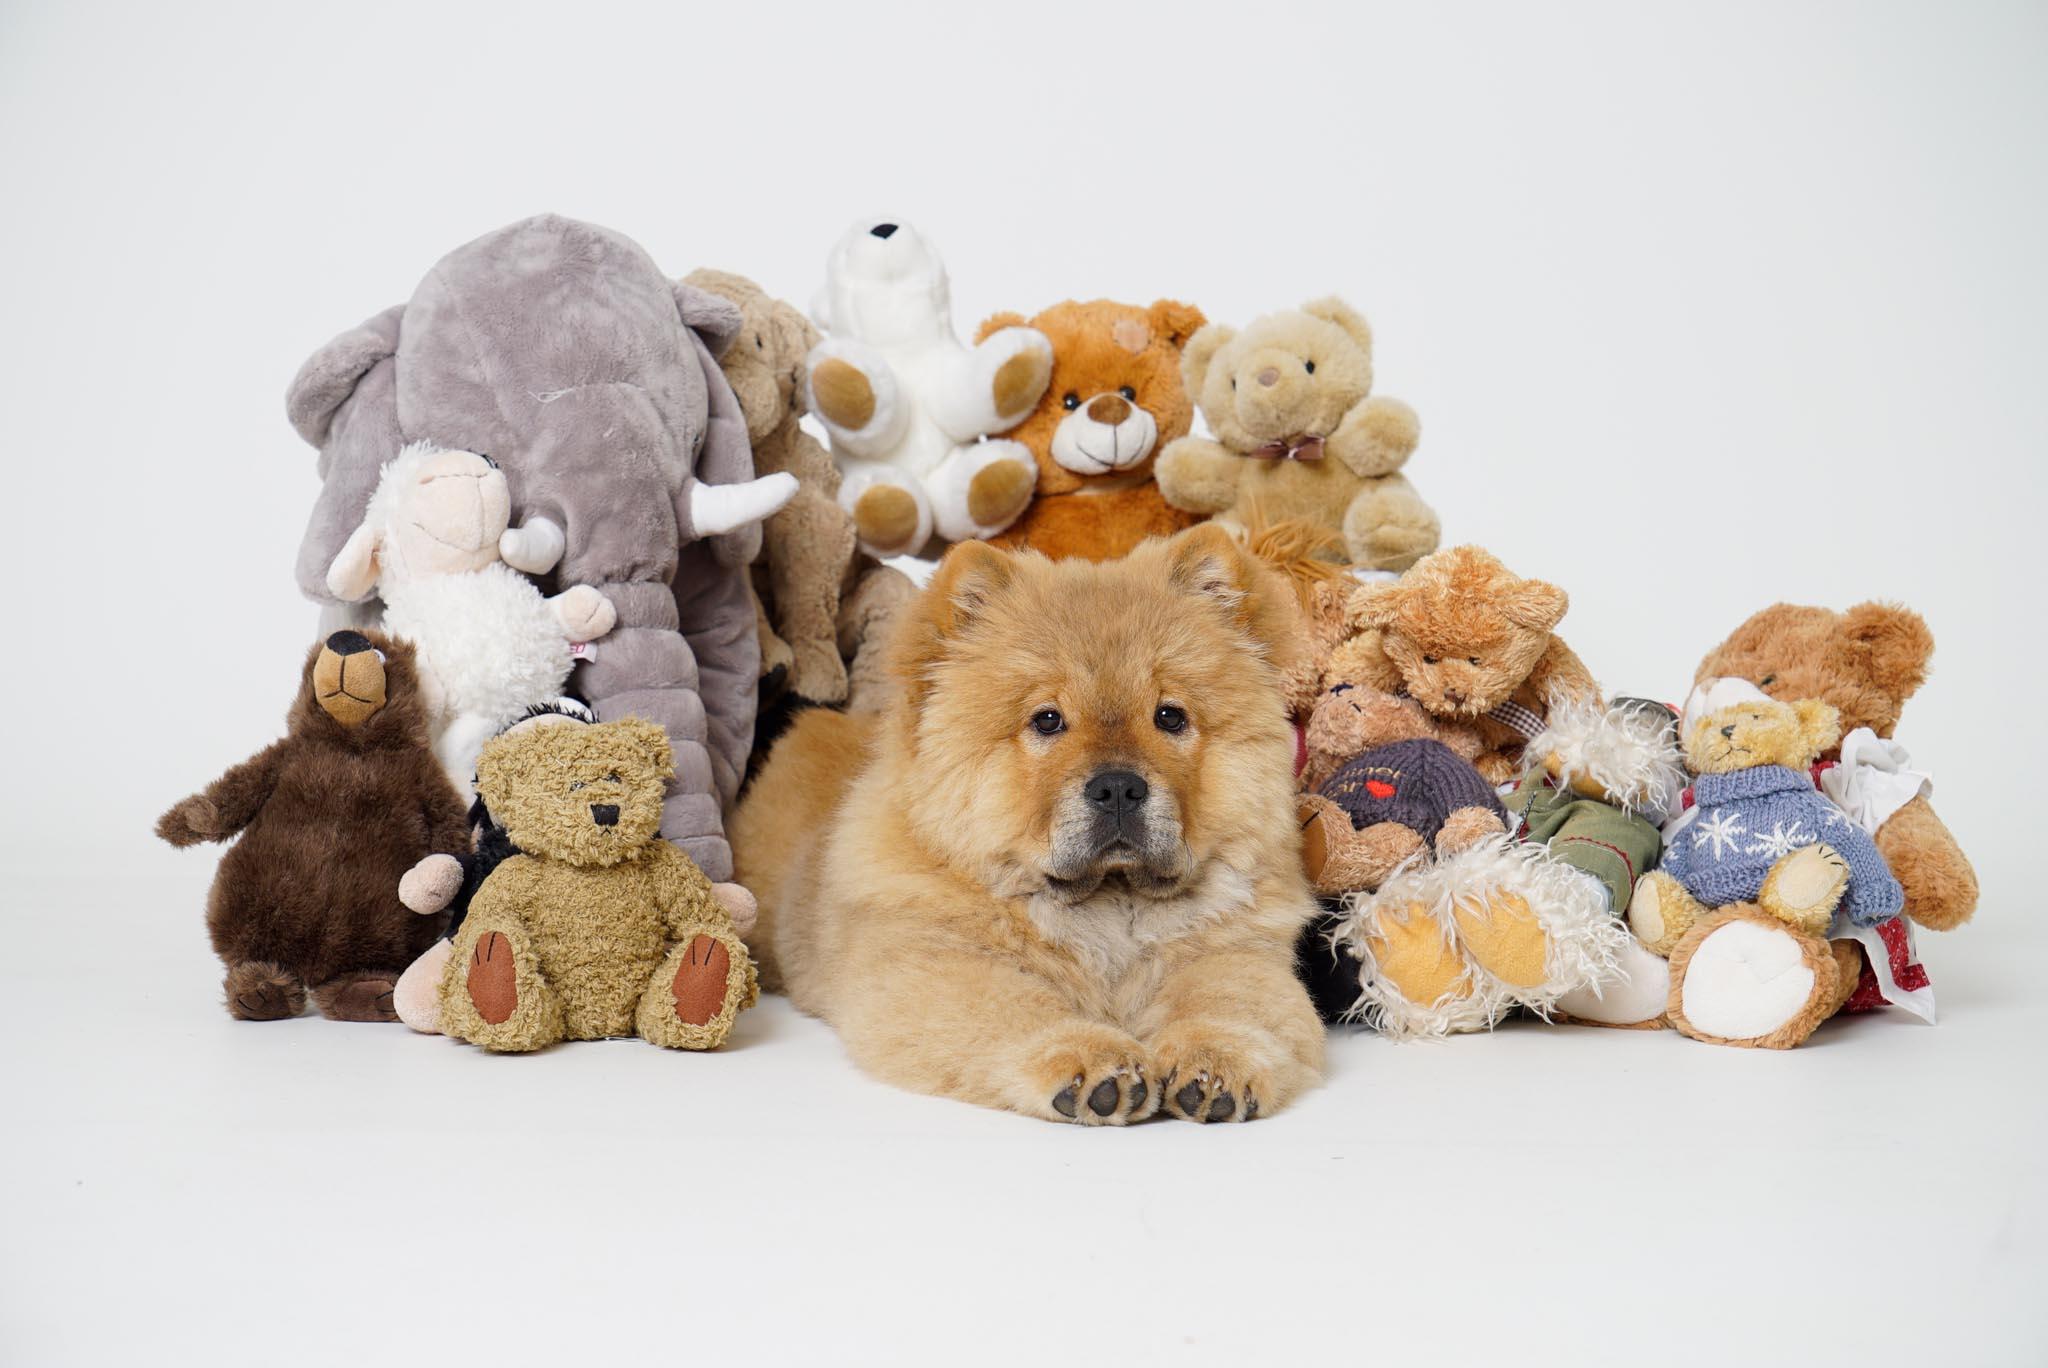 Finde das echte Tier (Foto: Andy Ilmberger)